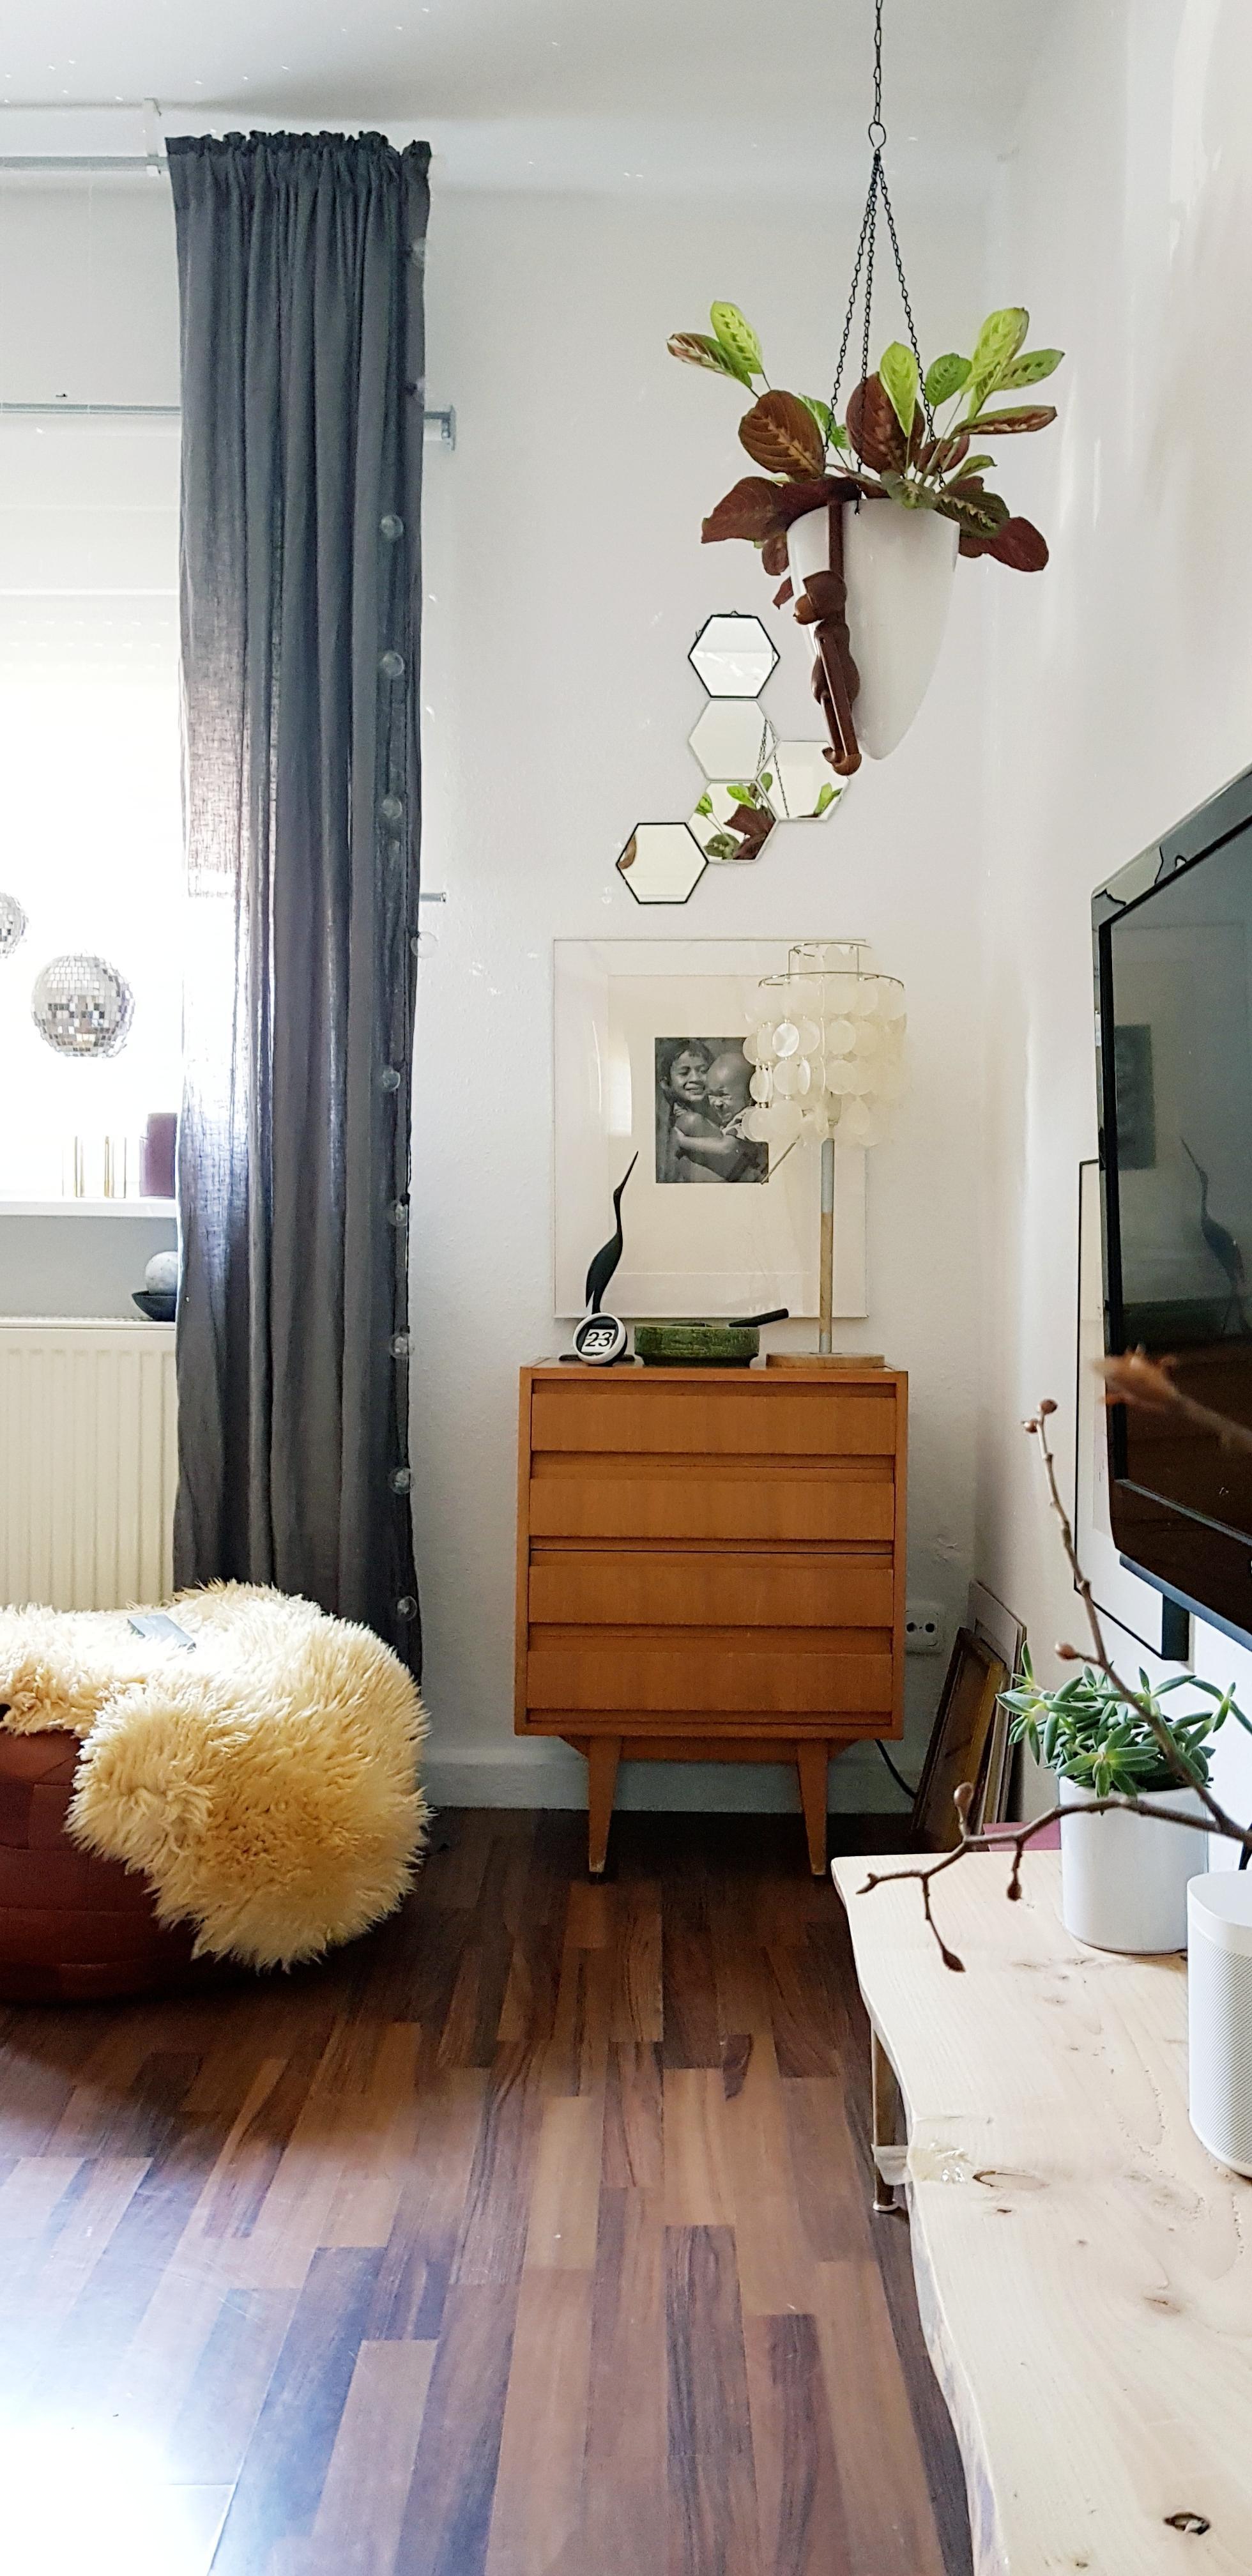 Diese Ecke Im Wohnzimmer Mag Ich Am Meisten 🙂 #midcentury#retro#vintage#